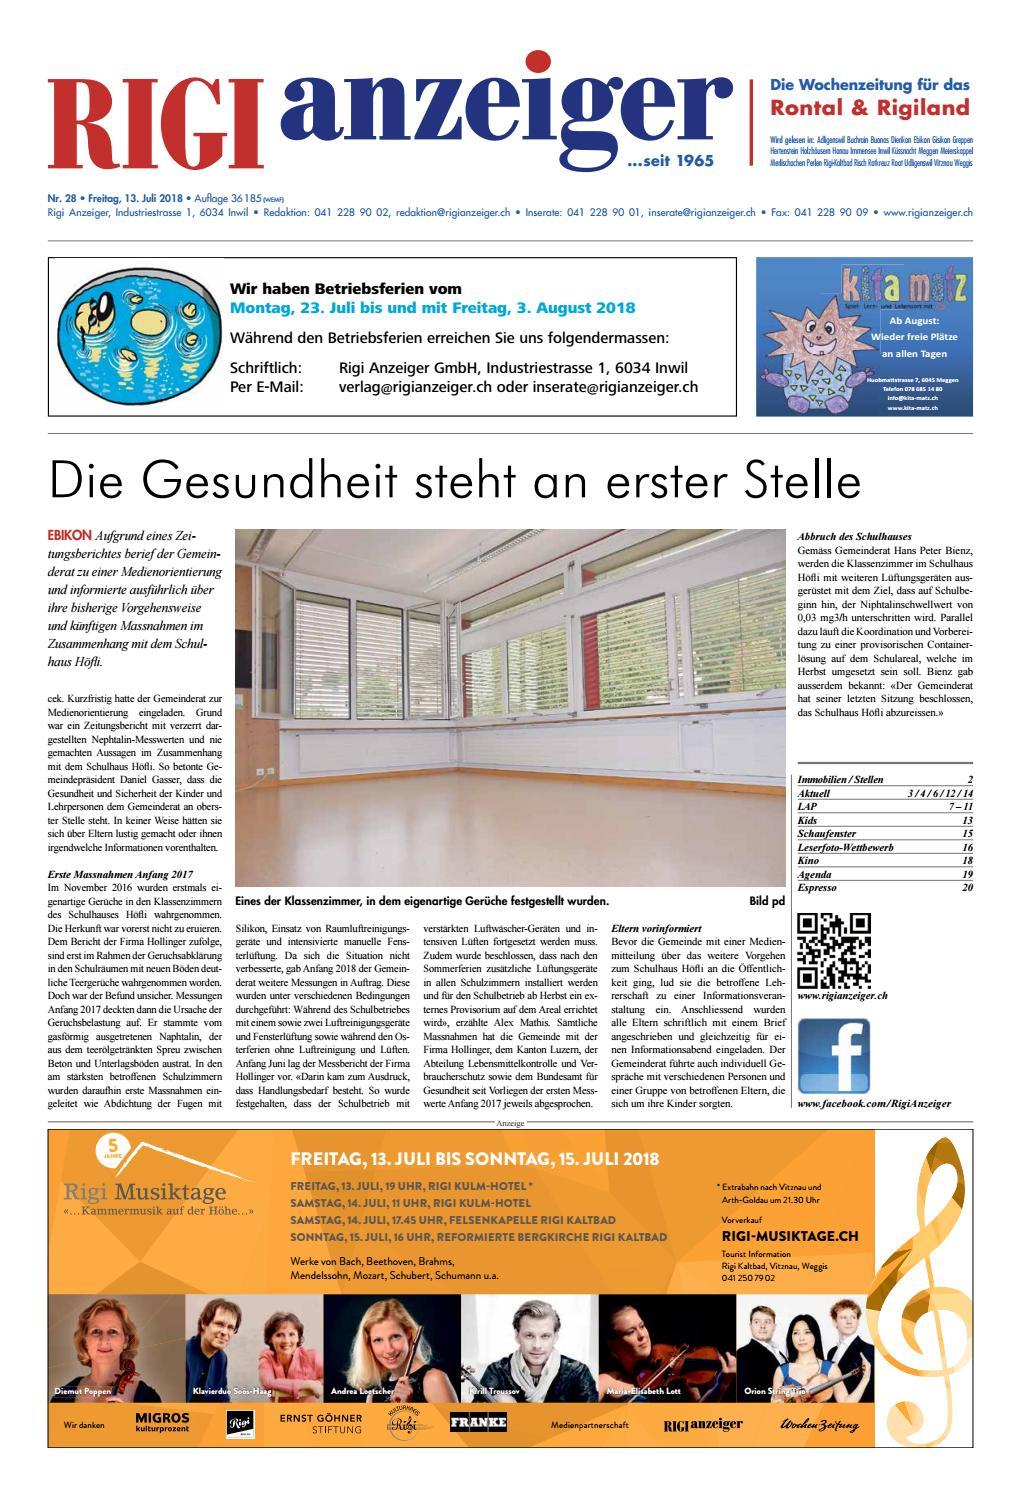 Rigi Anzeiger, 13. Juli 2018 by Rigi Anzeiger GmbH - issuu